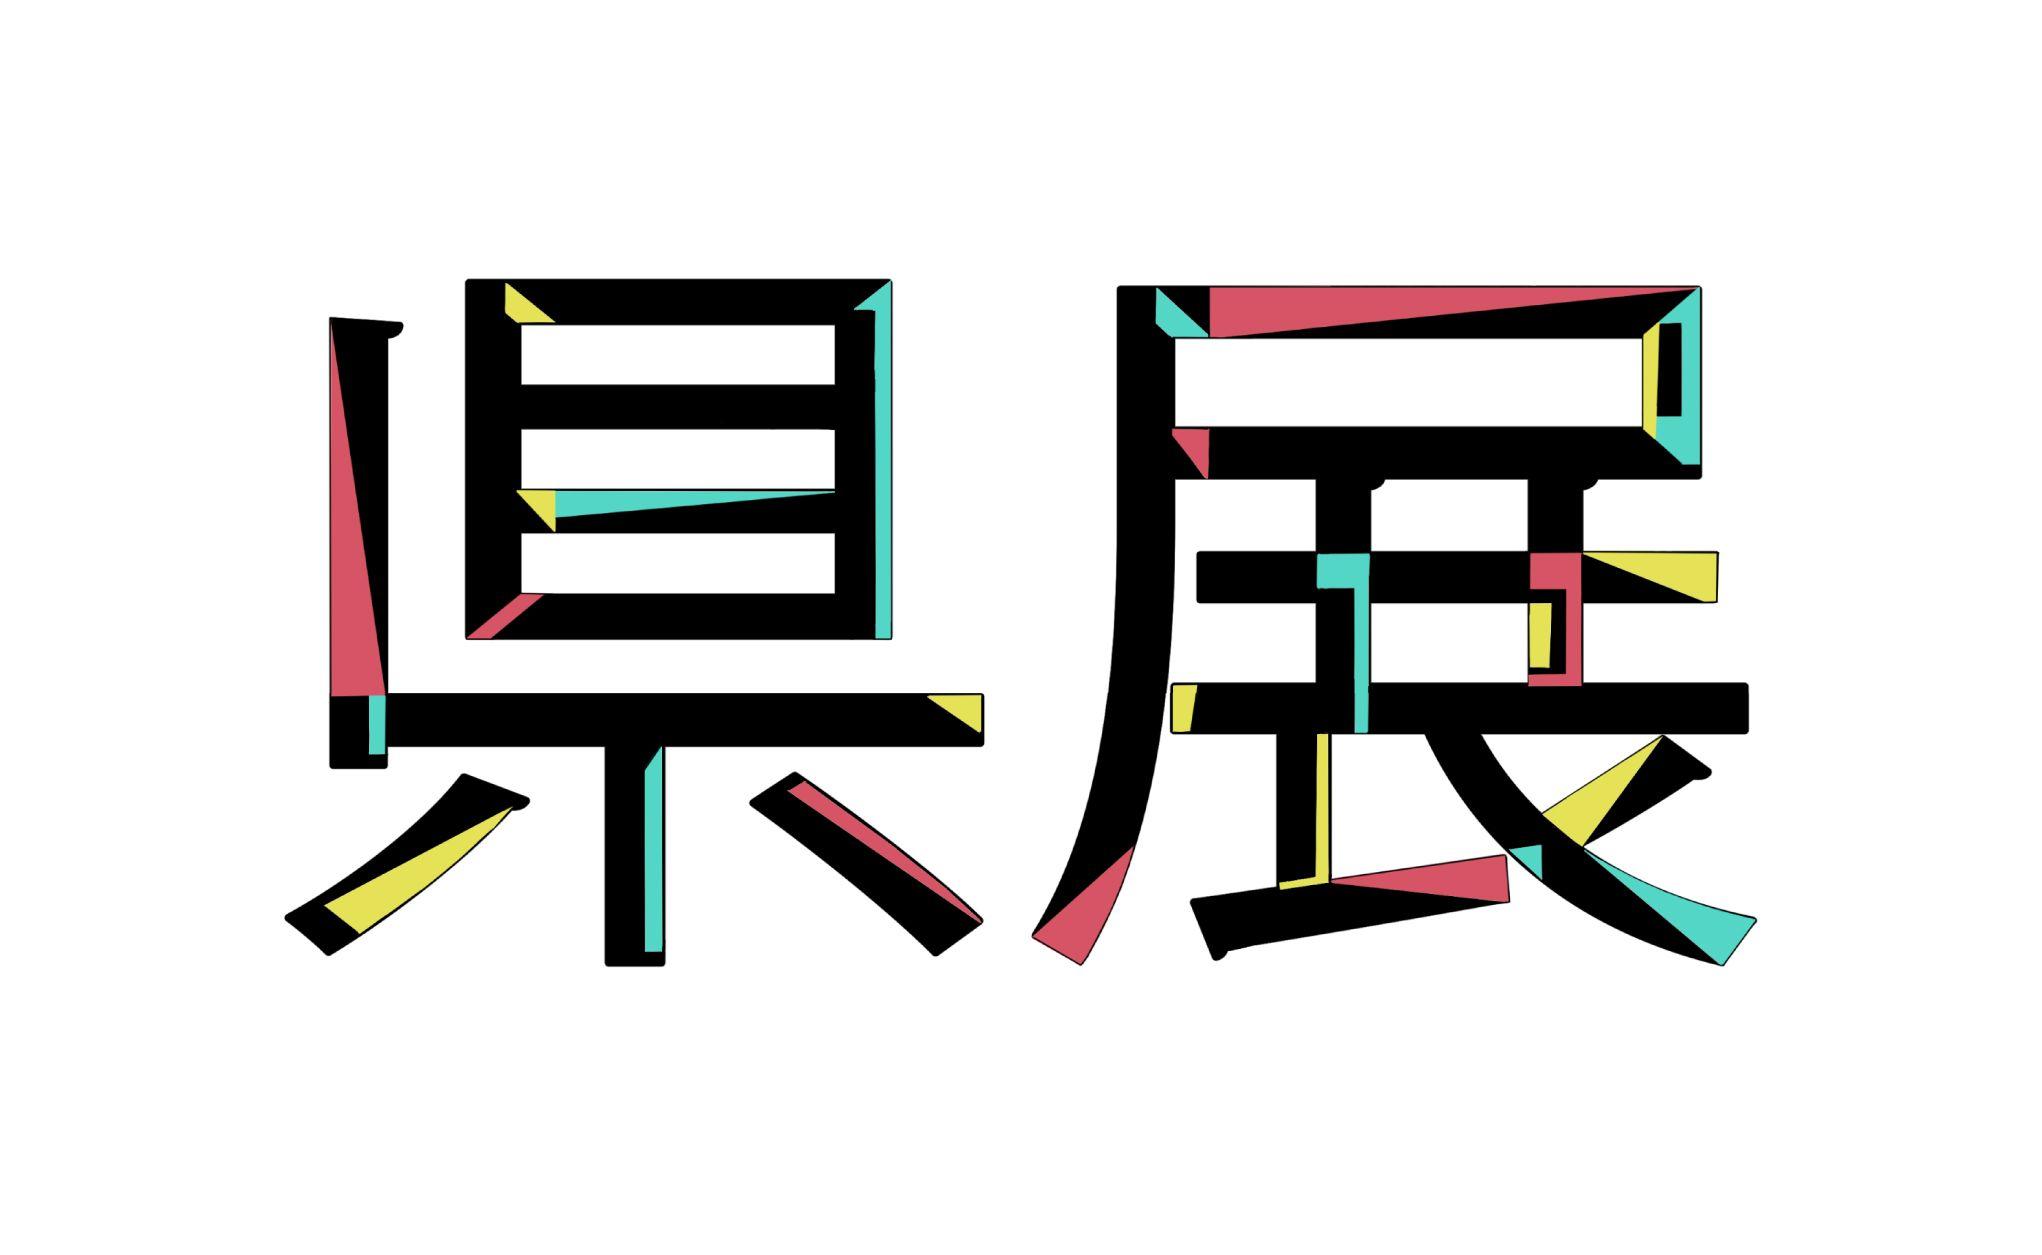 第75回徳島県美術展(県展)ポスターデザイン募集|徳島新聞社